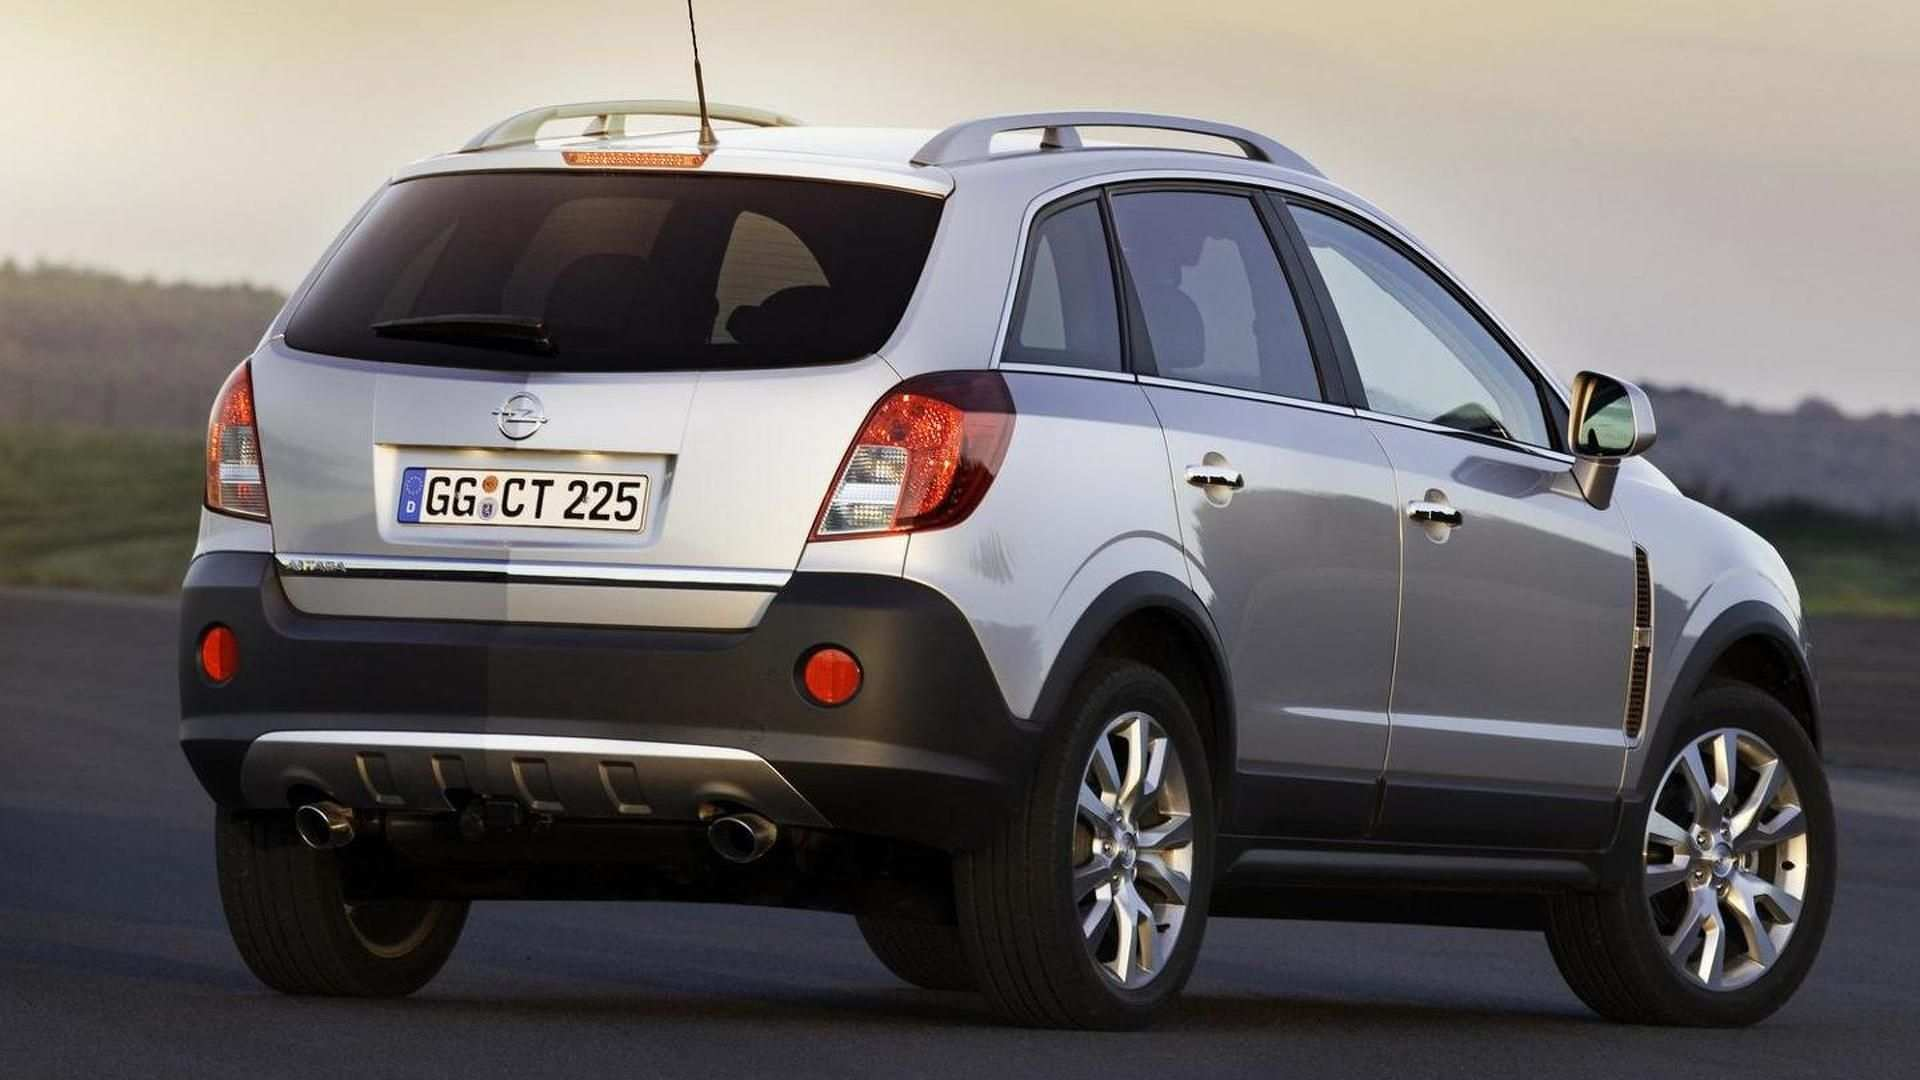 76 Great Opel Antara 2020 Review by Opel Antara 2020